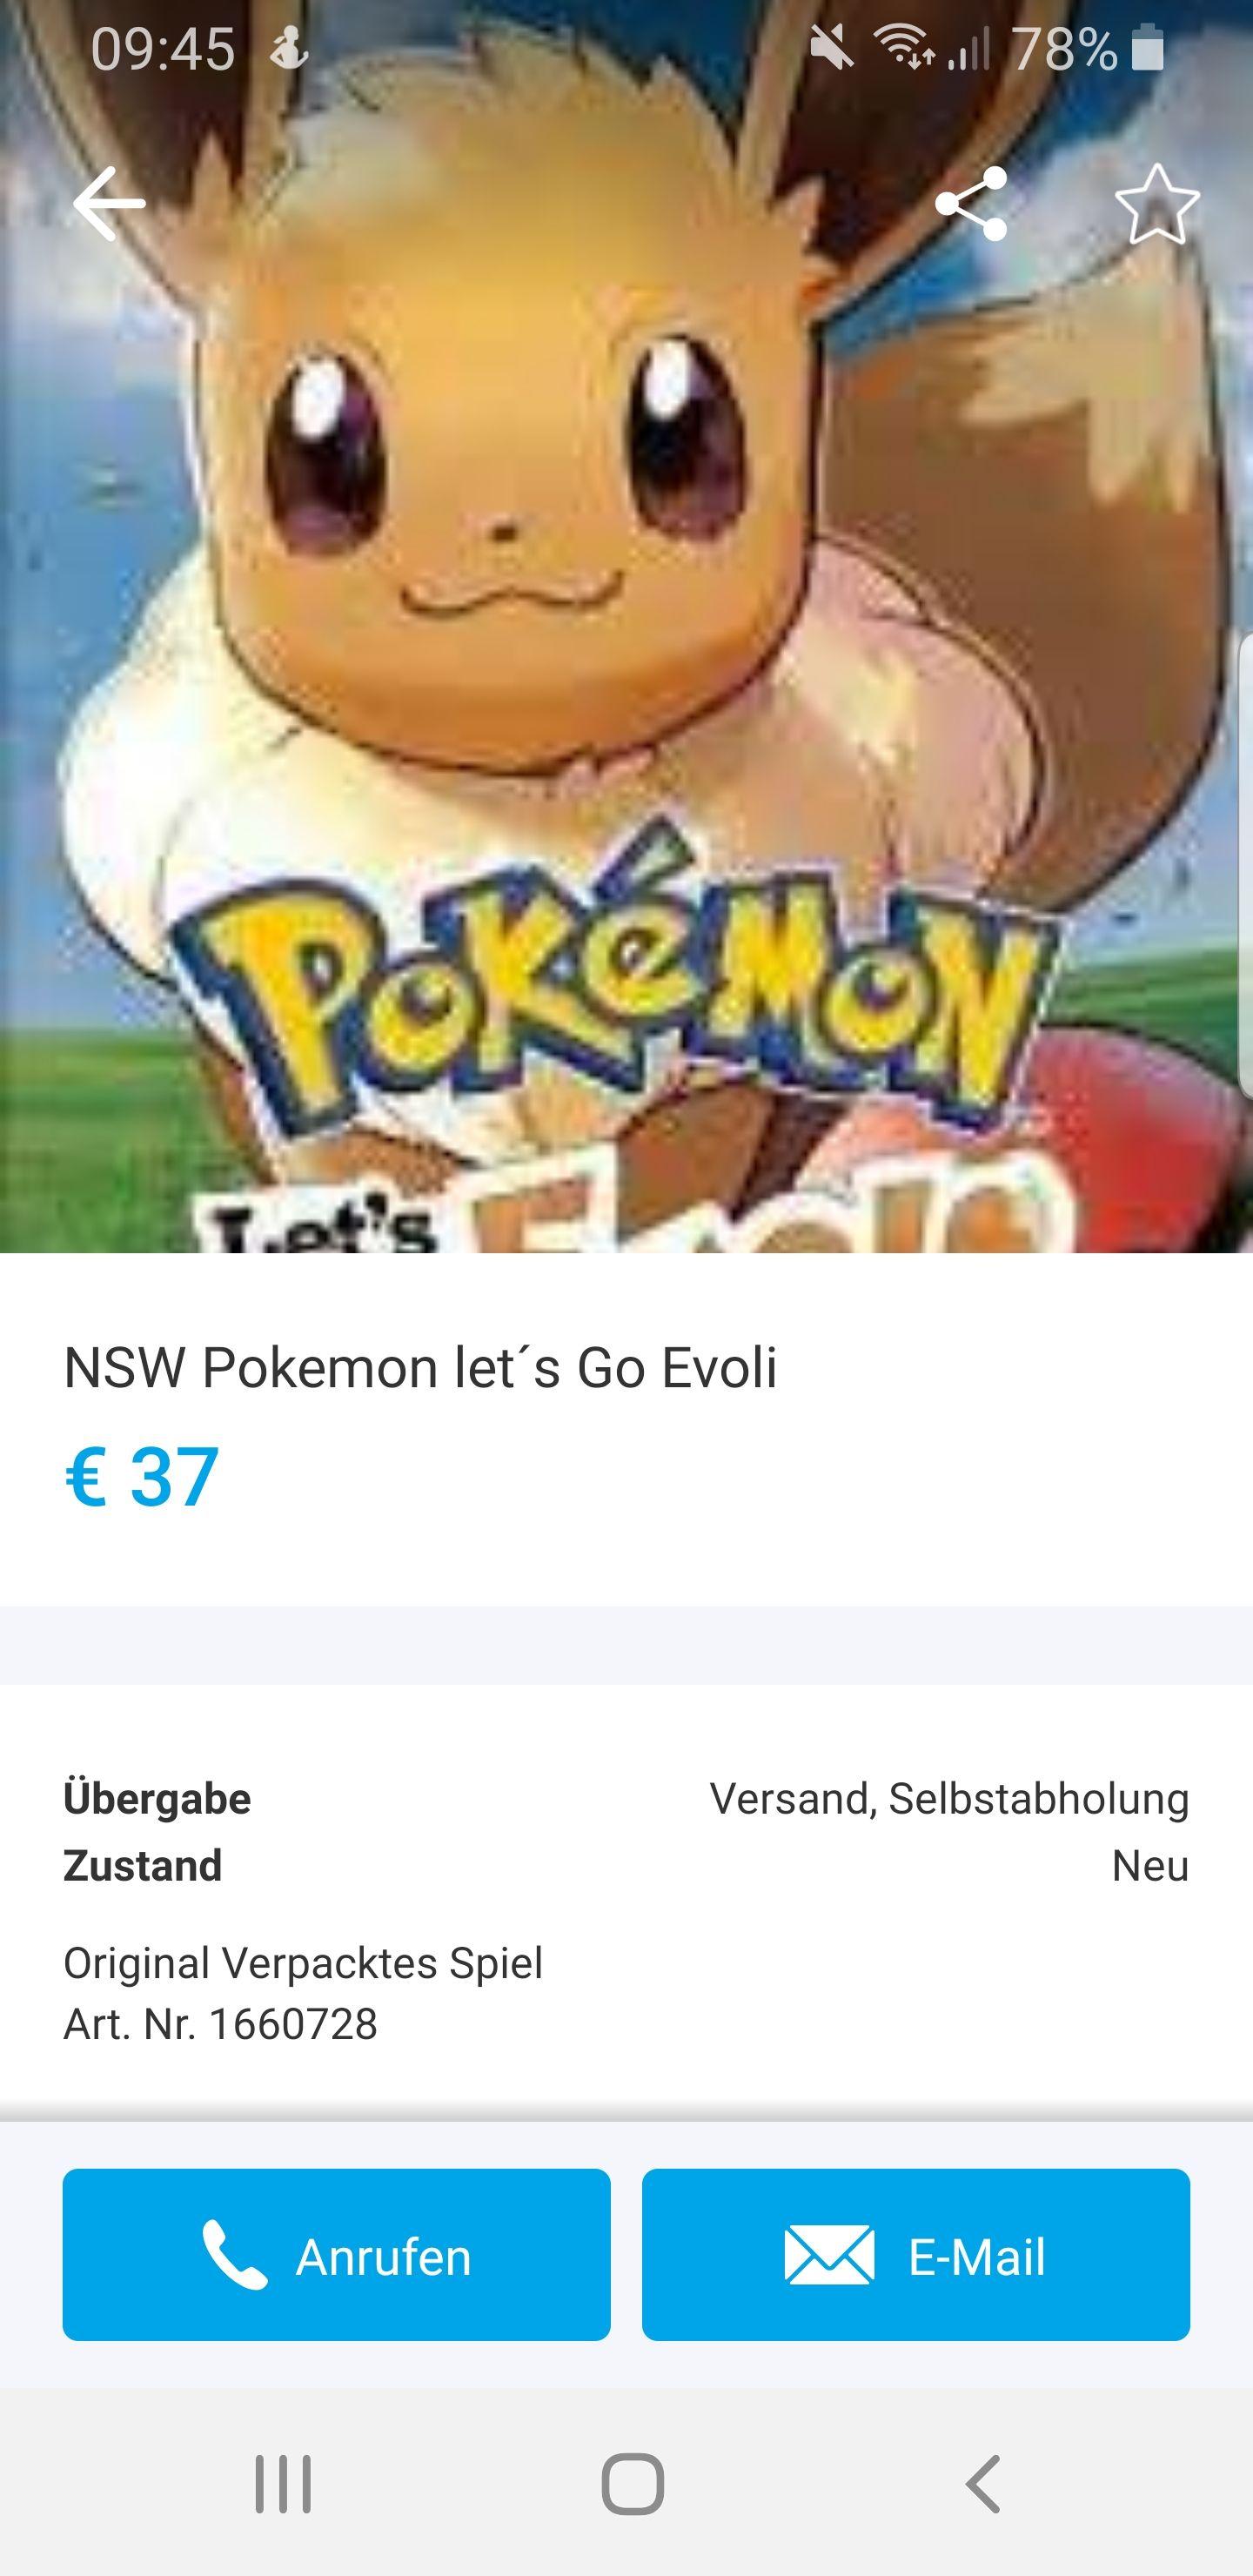 Pokemon lets go evoli Mediamarkt Murpark